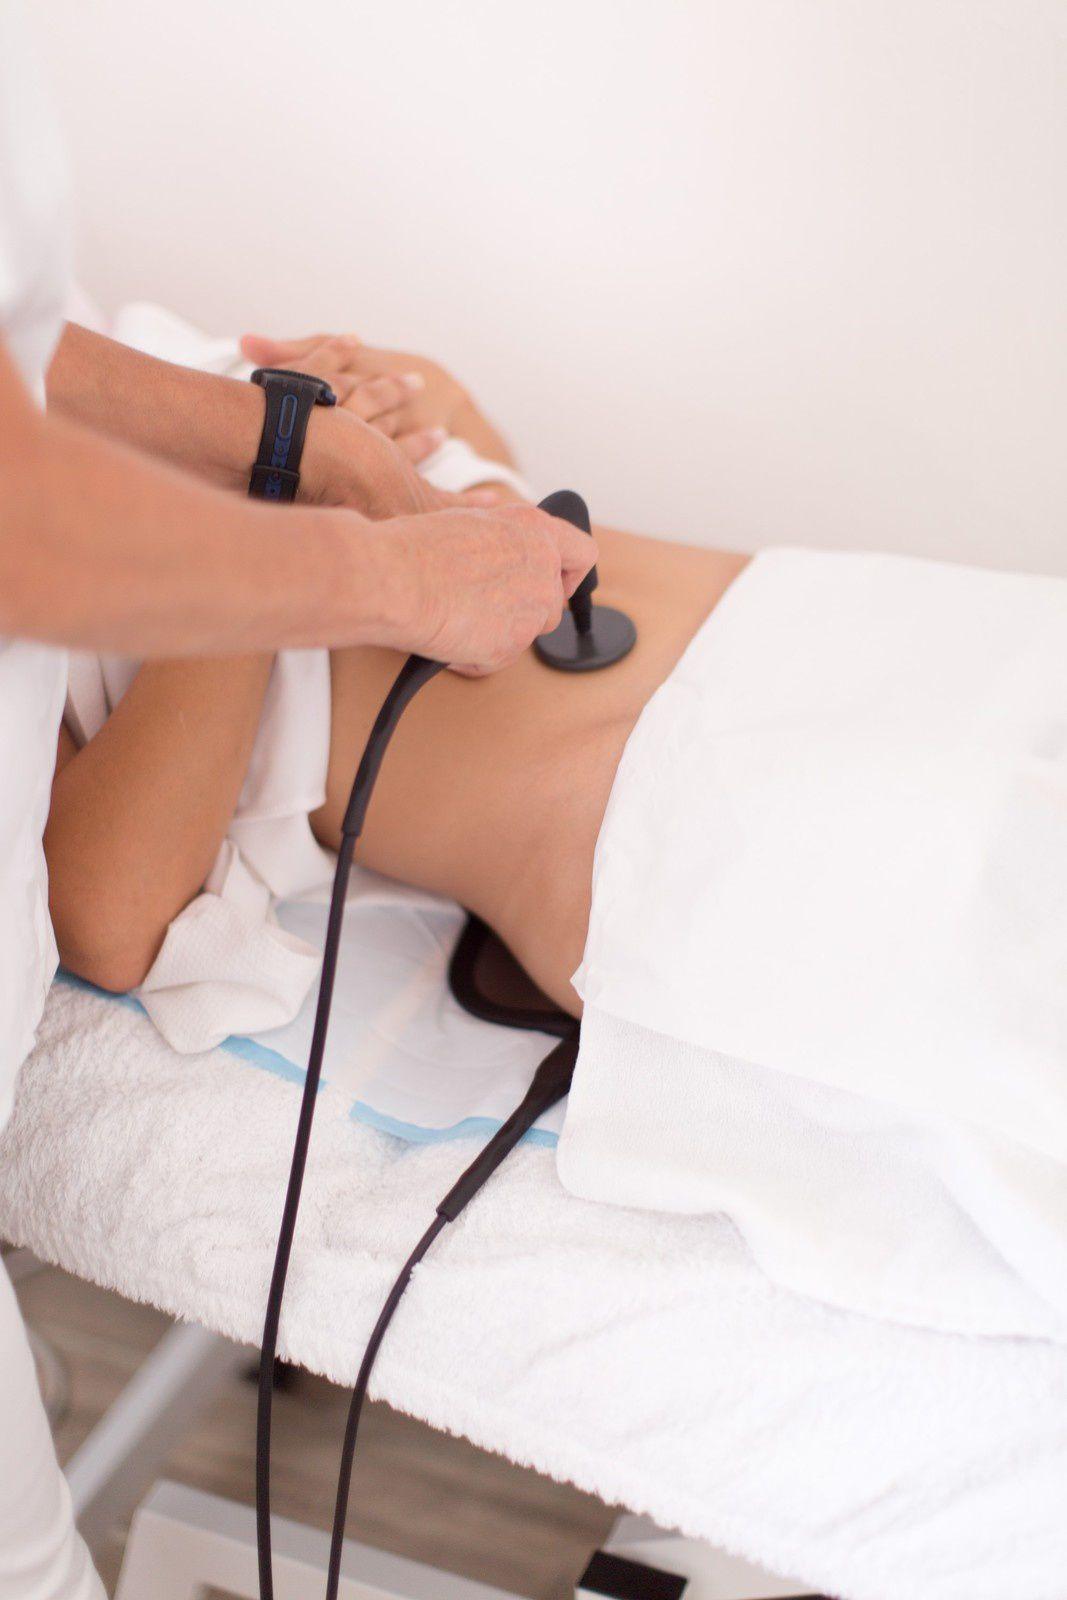 « Traitement d'une béance vaginale et incontinence urinaire à l'effort avec INDIBA »